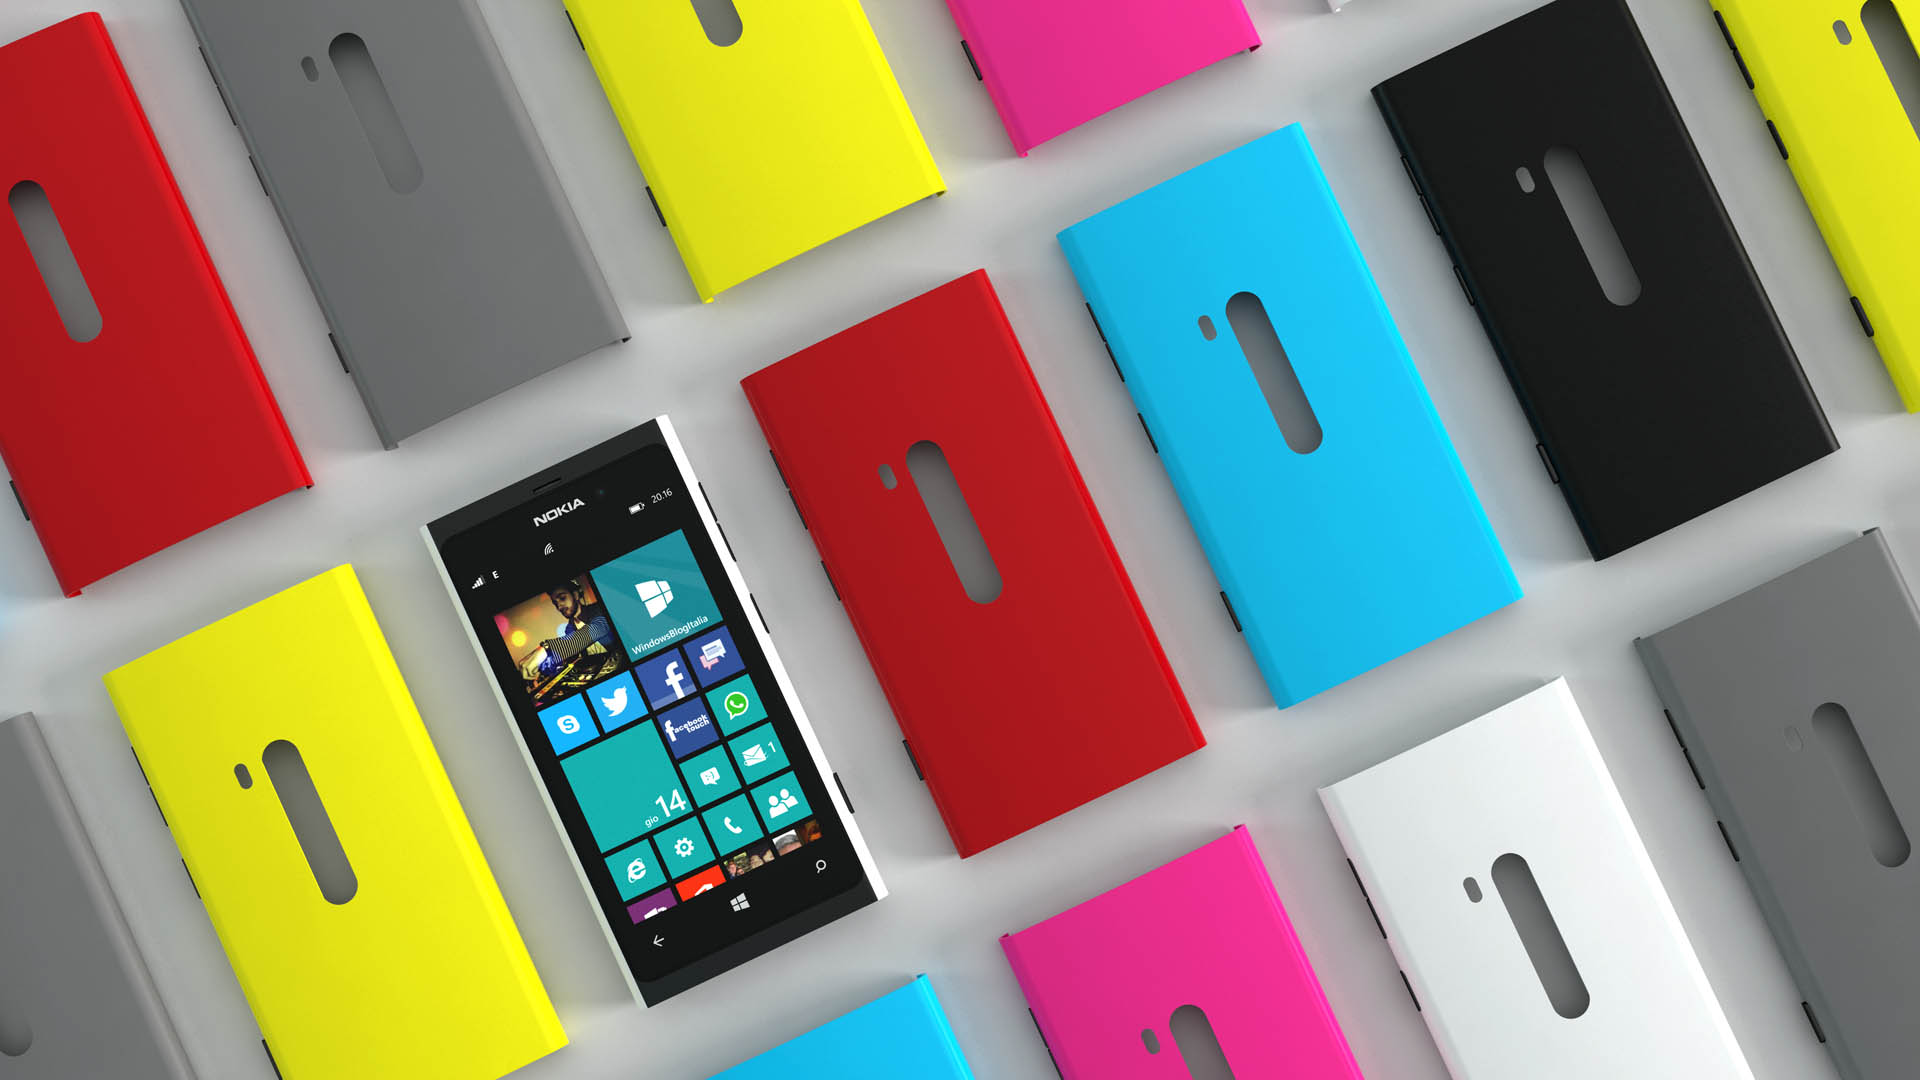 Nokia Lumia 880 pattern